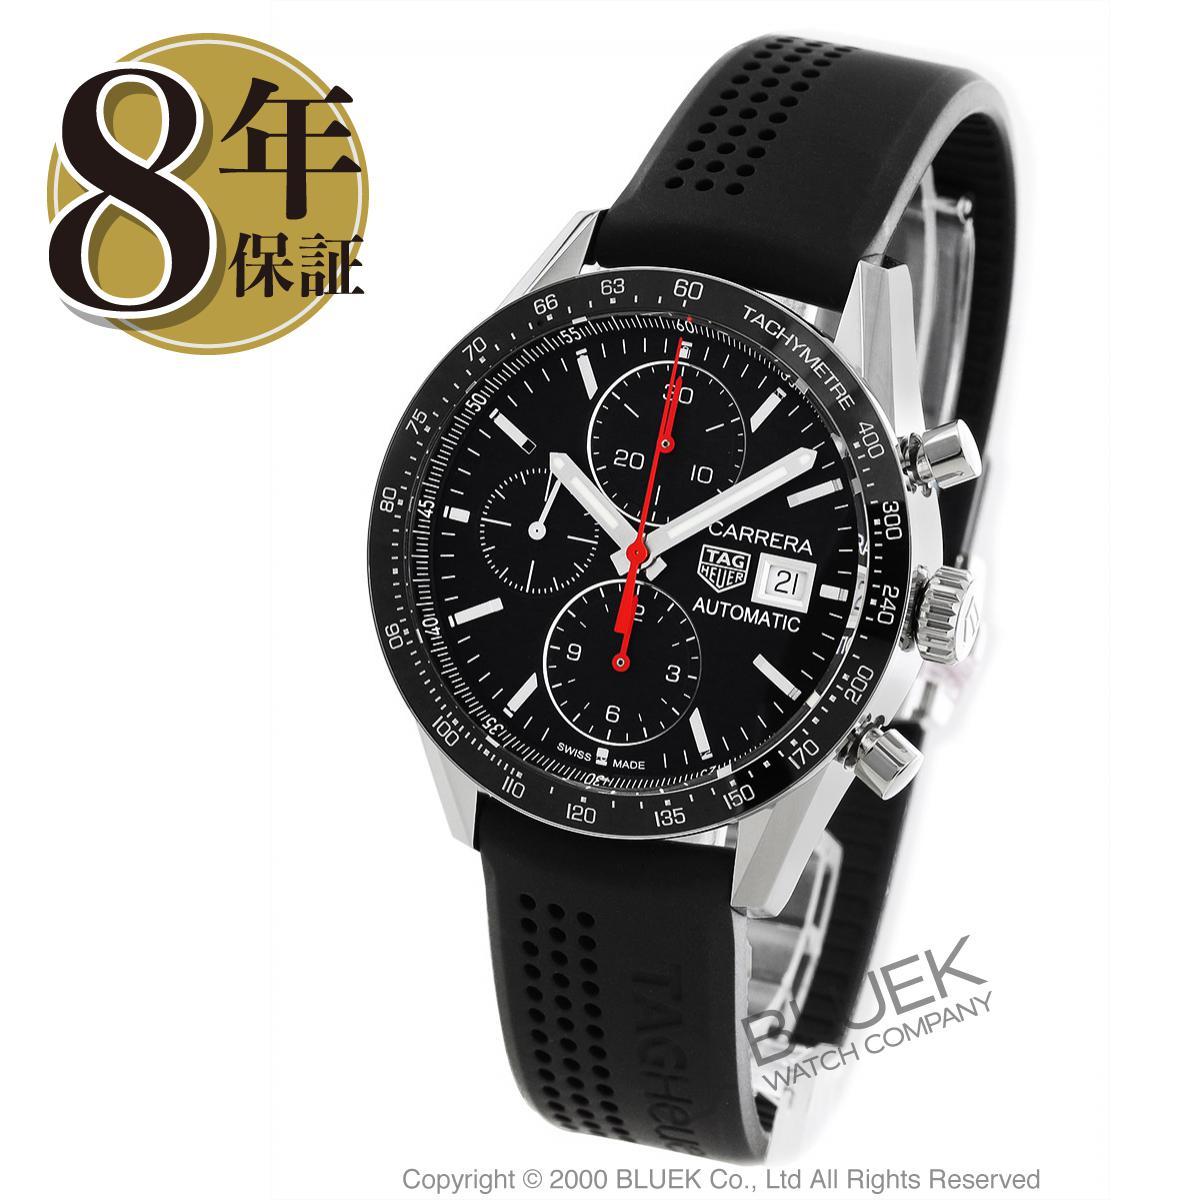 【3,000円OFFクーポン対象】タグホイヤー カレラ クロノグラフ 腕時計 メンズ TAG Heuer CV201AK.FT6040_8